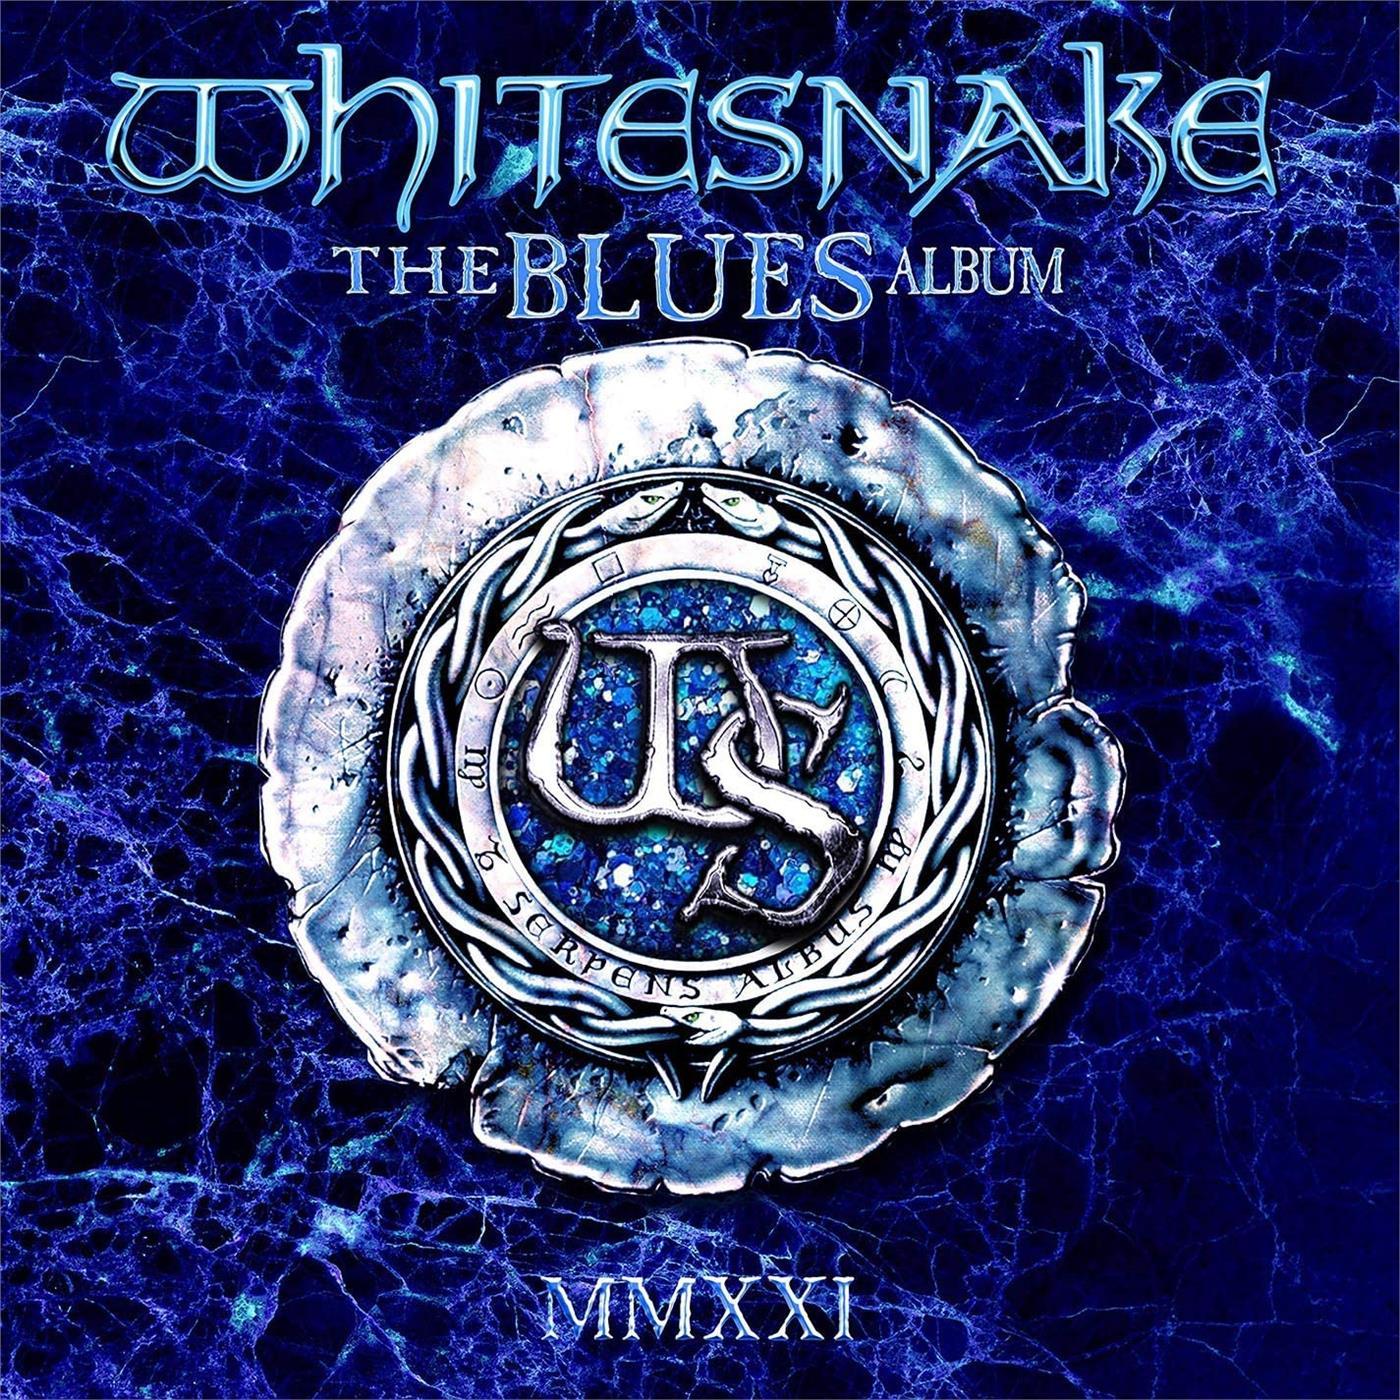 Whitesnake - The BLUES Album [LTD 2xLP]